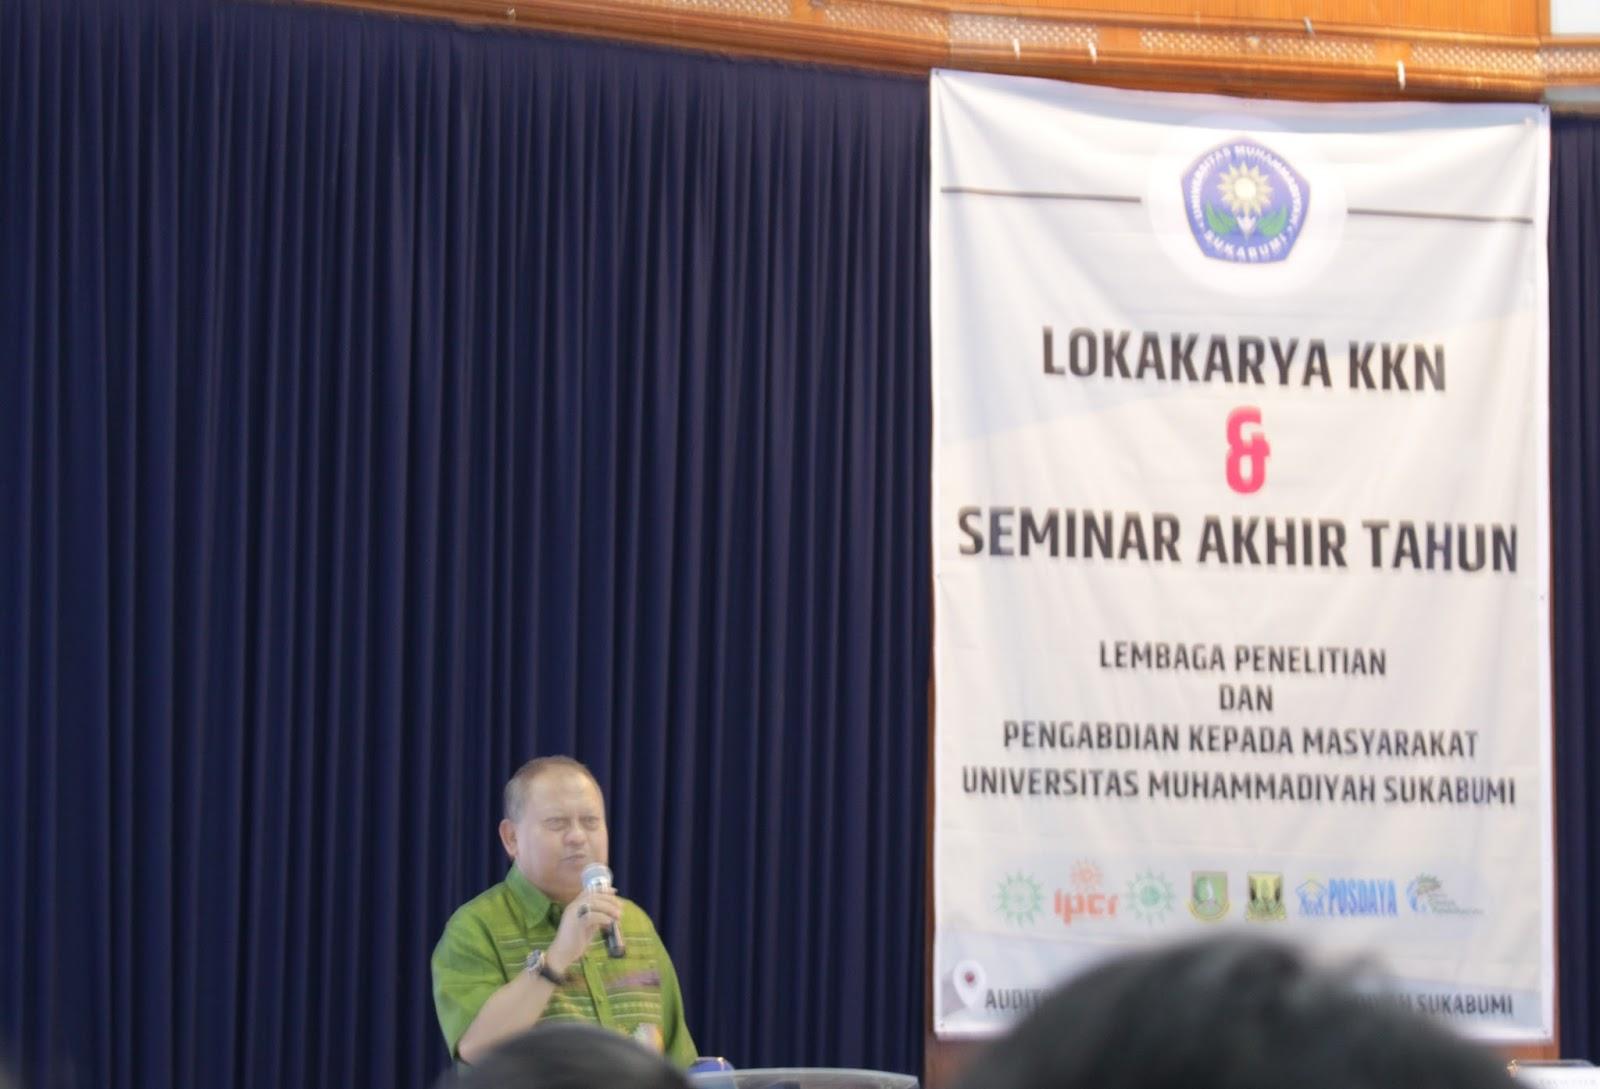 Sambutan Rektor UMMI, Dr. Sakti Alamsyah, M.Pd